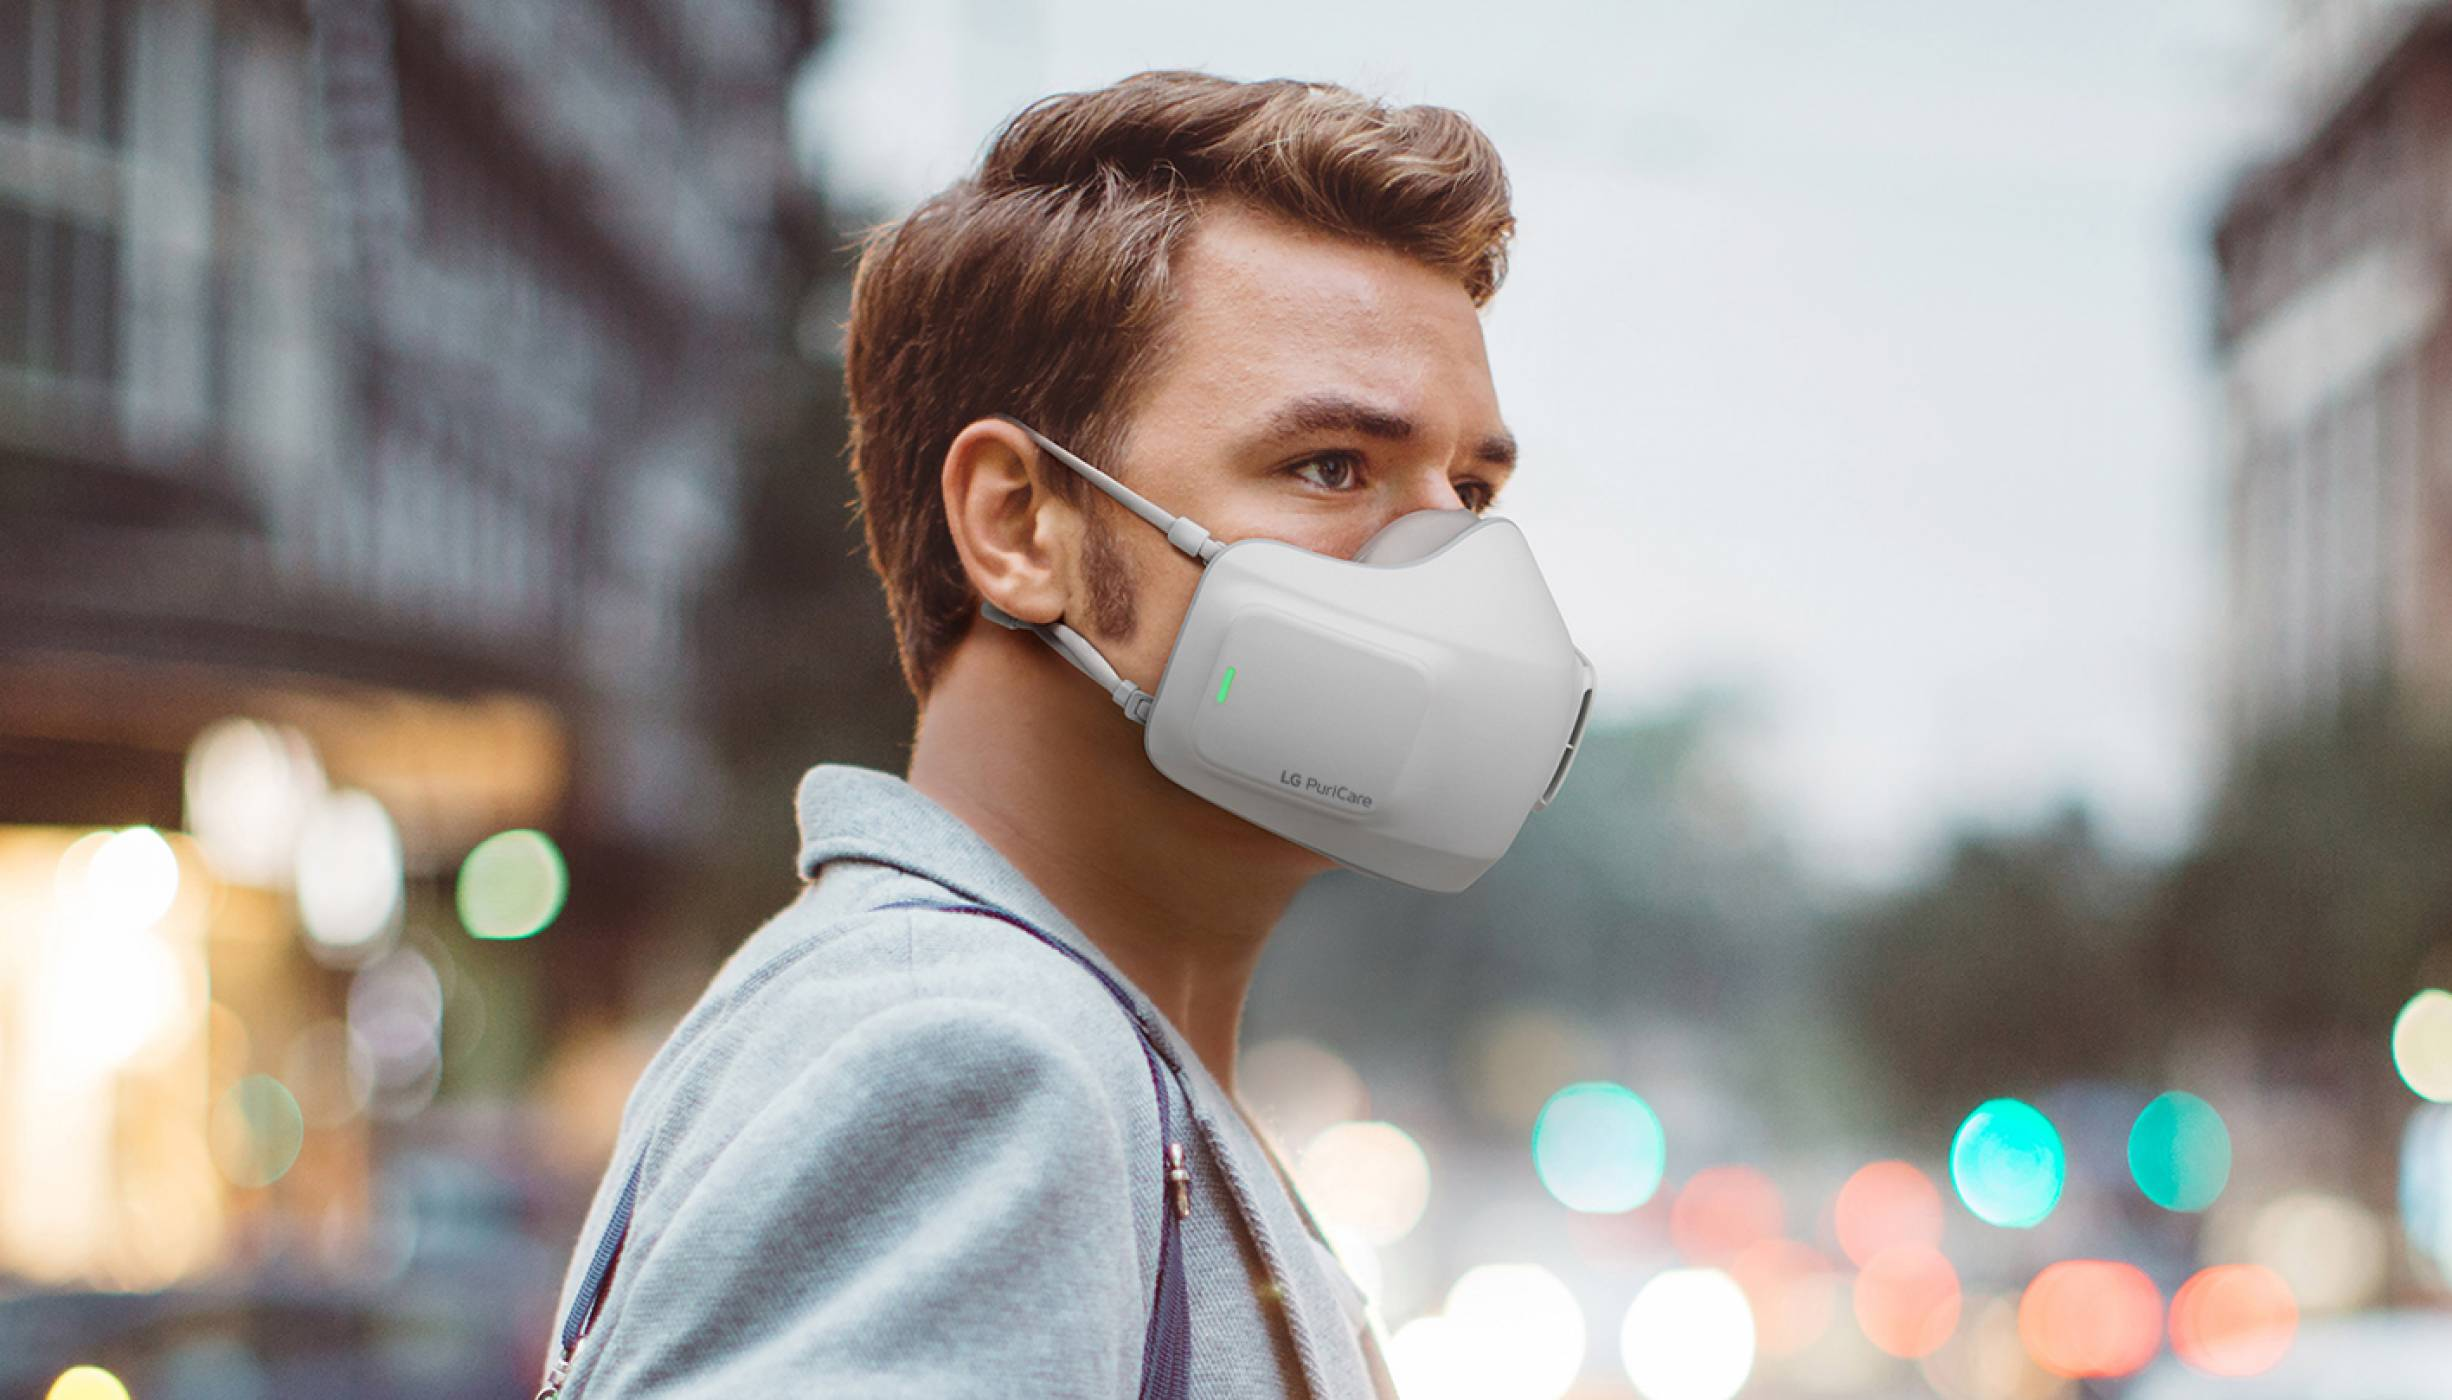 LG бори COVID-19 с новата си хай-тек маска